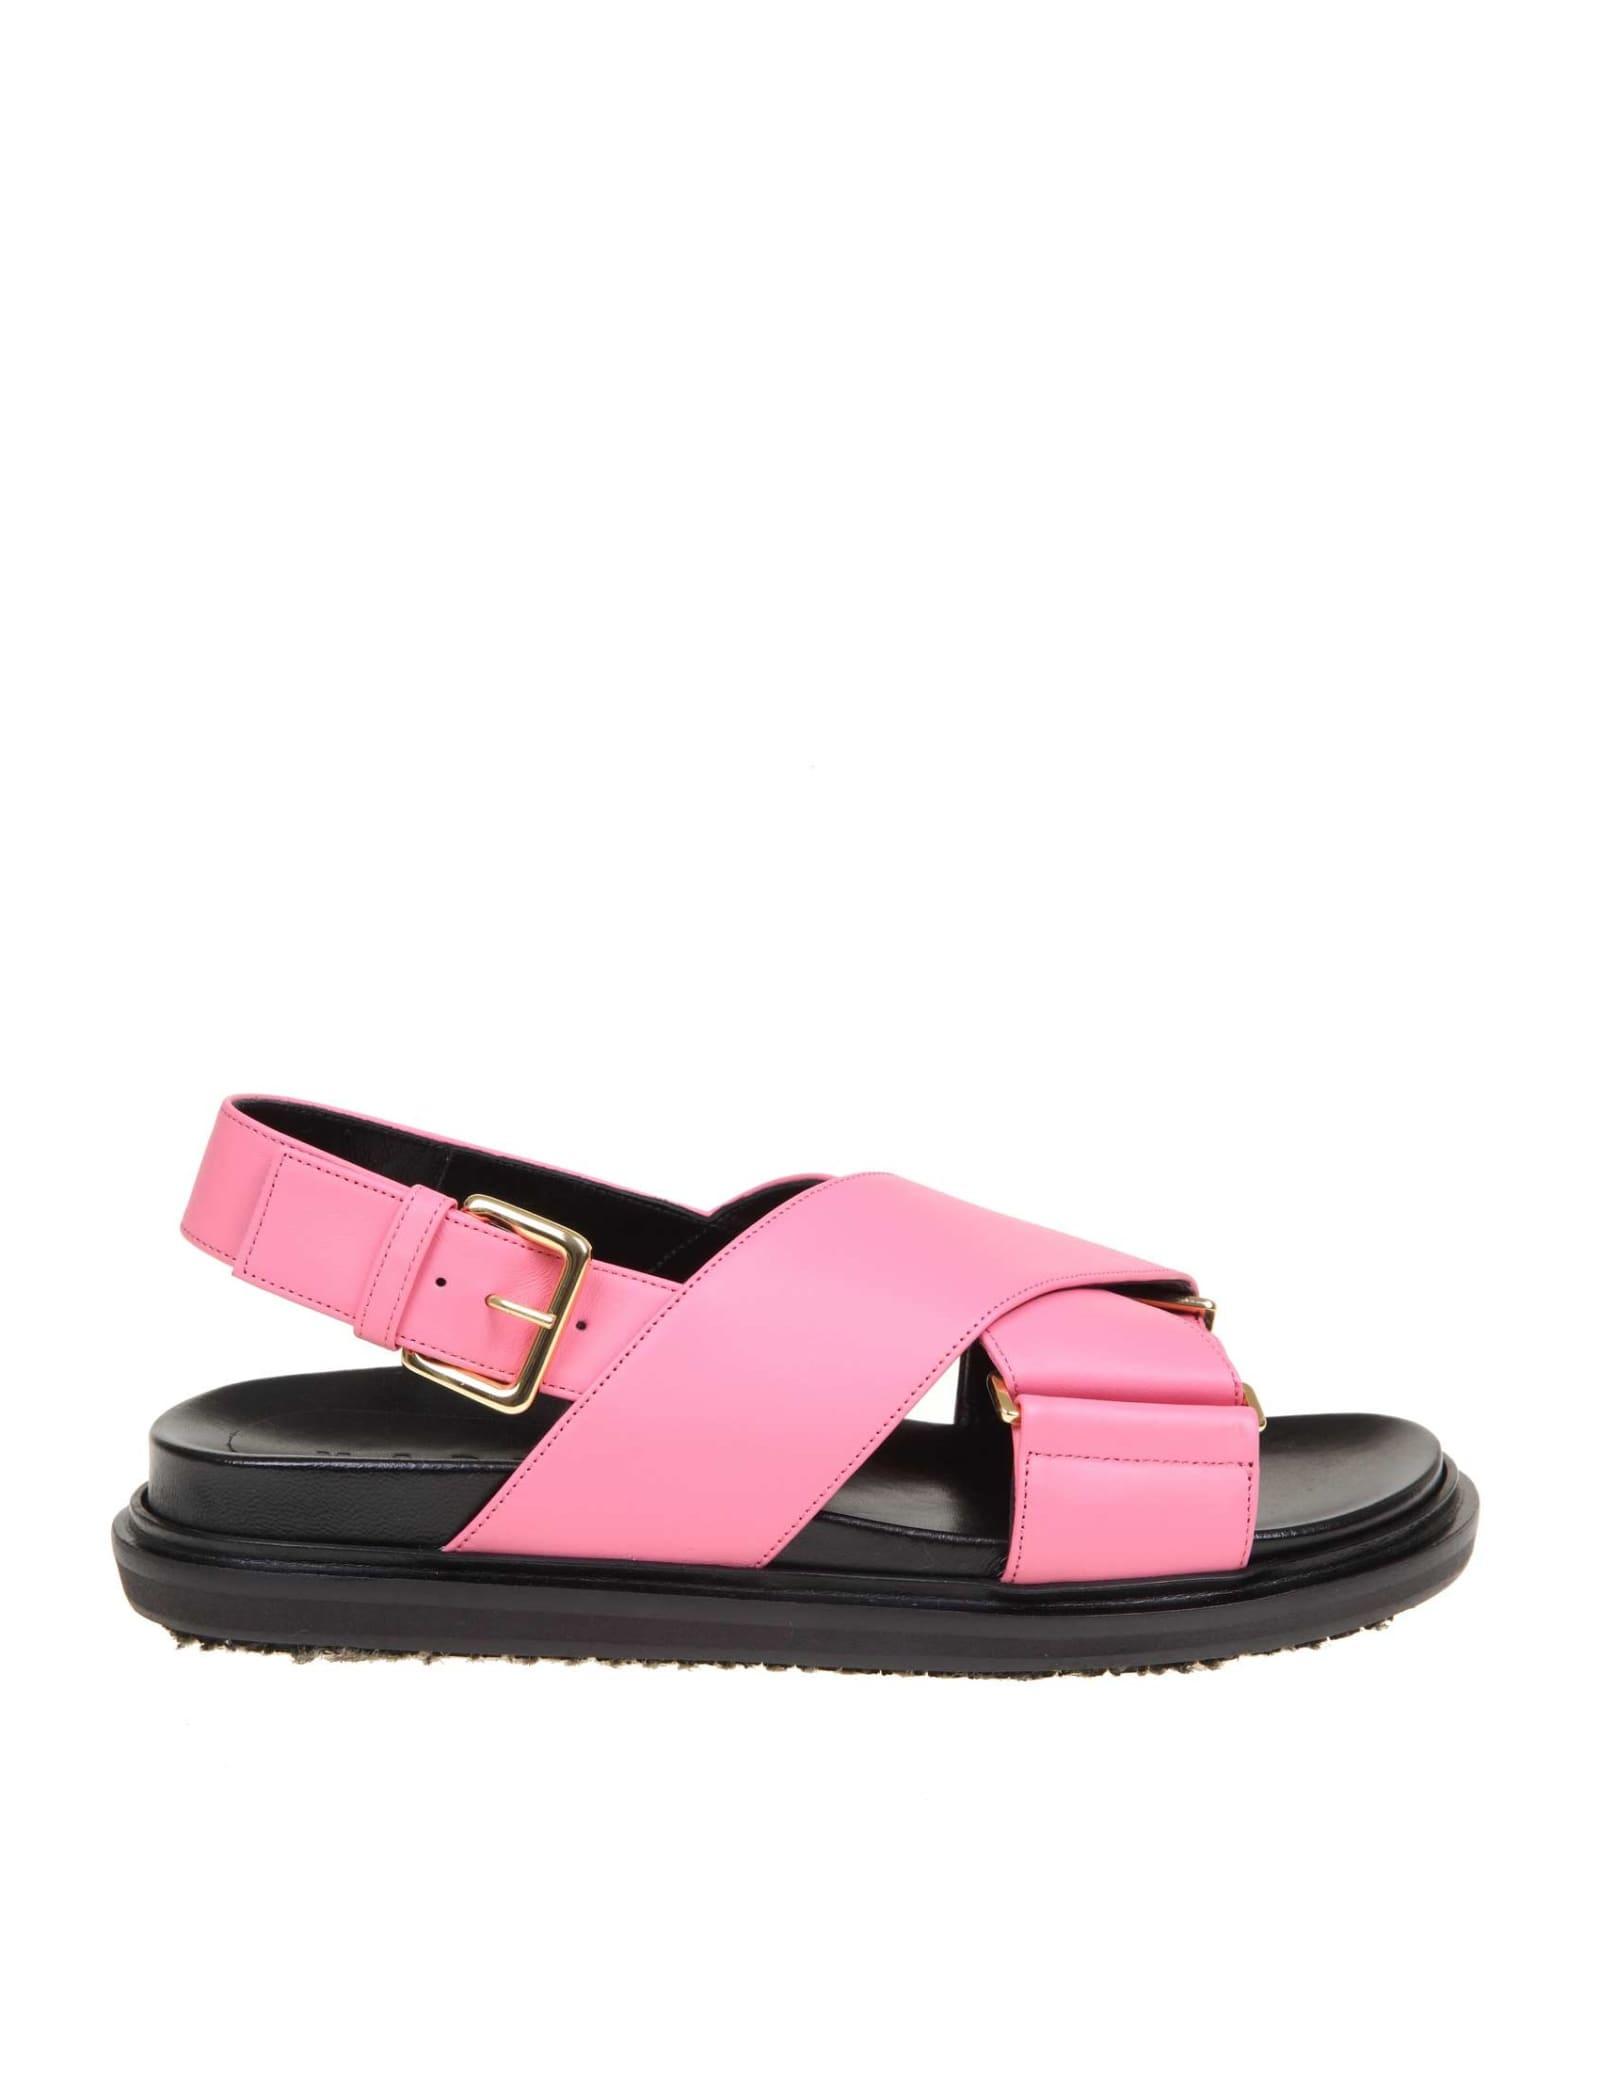 Marni Fussbett Leather Sandals In Fuchsia Color